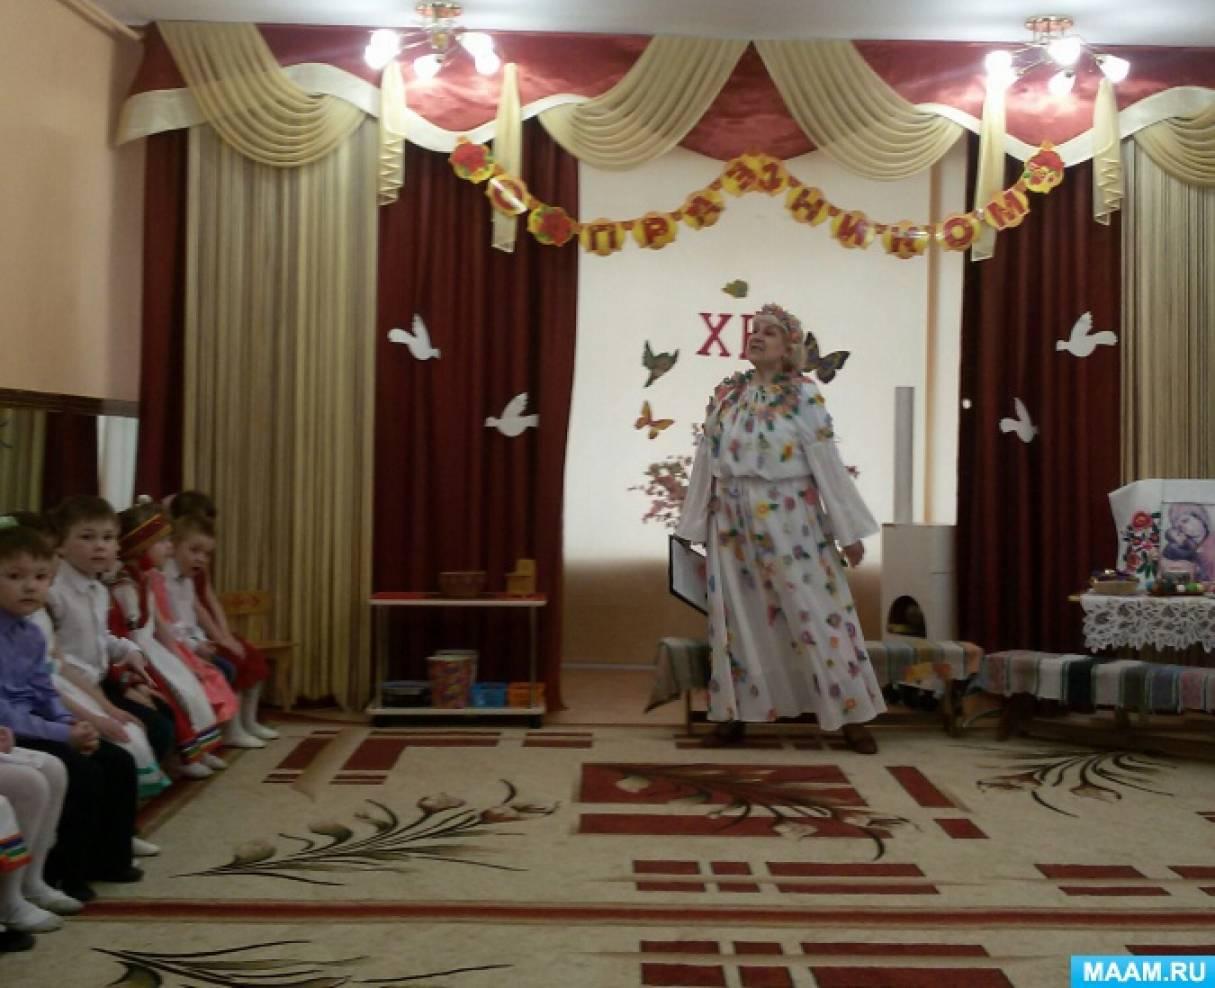 Фотоотчет «Инечи! Светлая Пасха в детском саду»